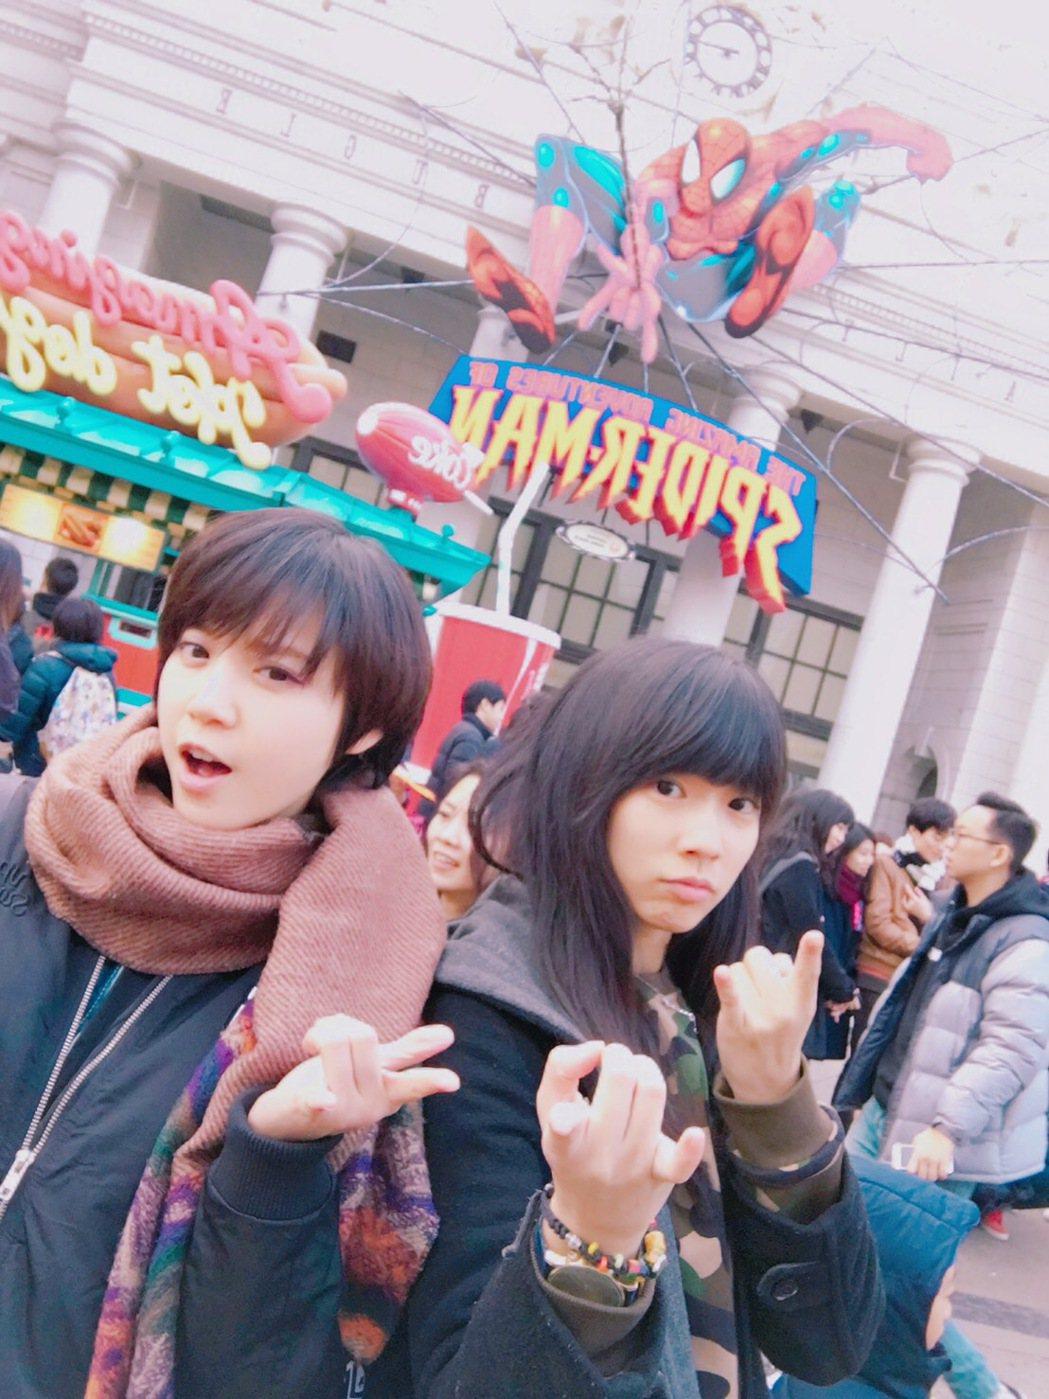 宇宙(右)、樂樂瘋玩大阪環球影城。圖/可米提供